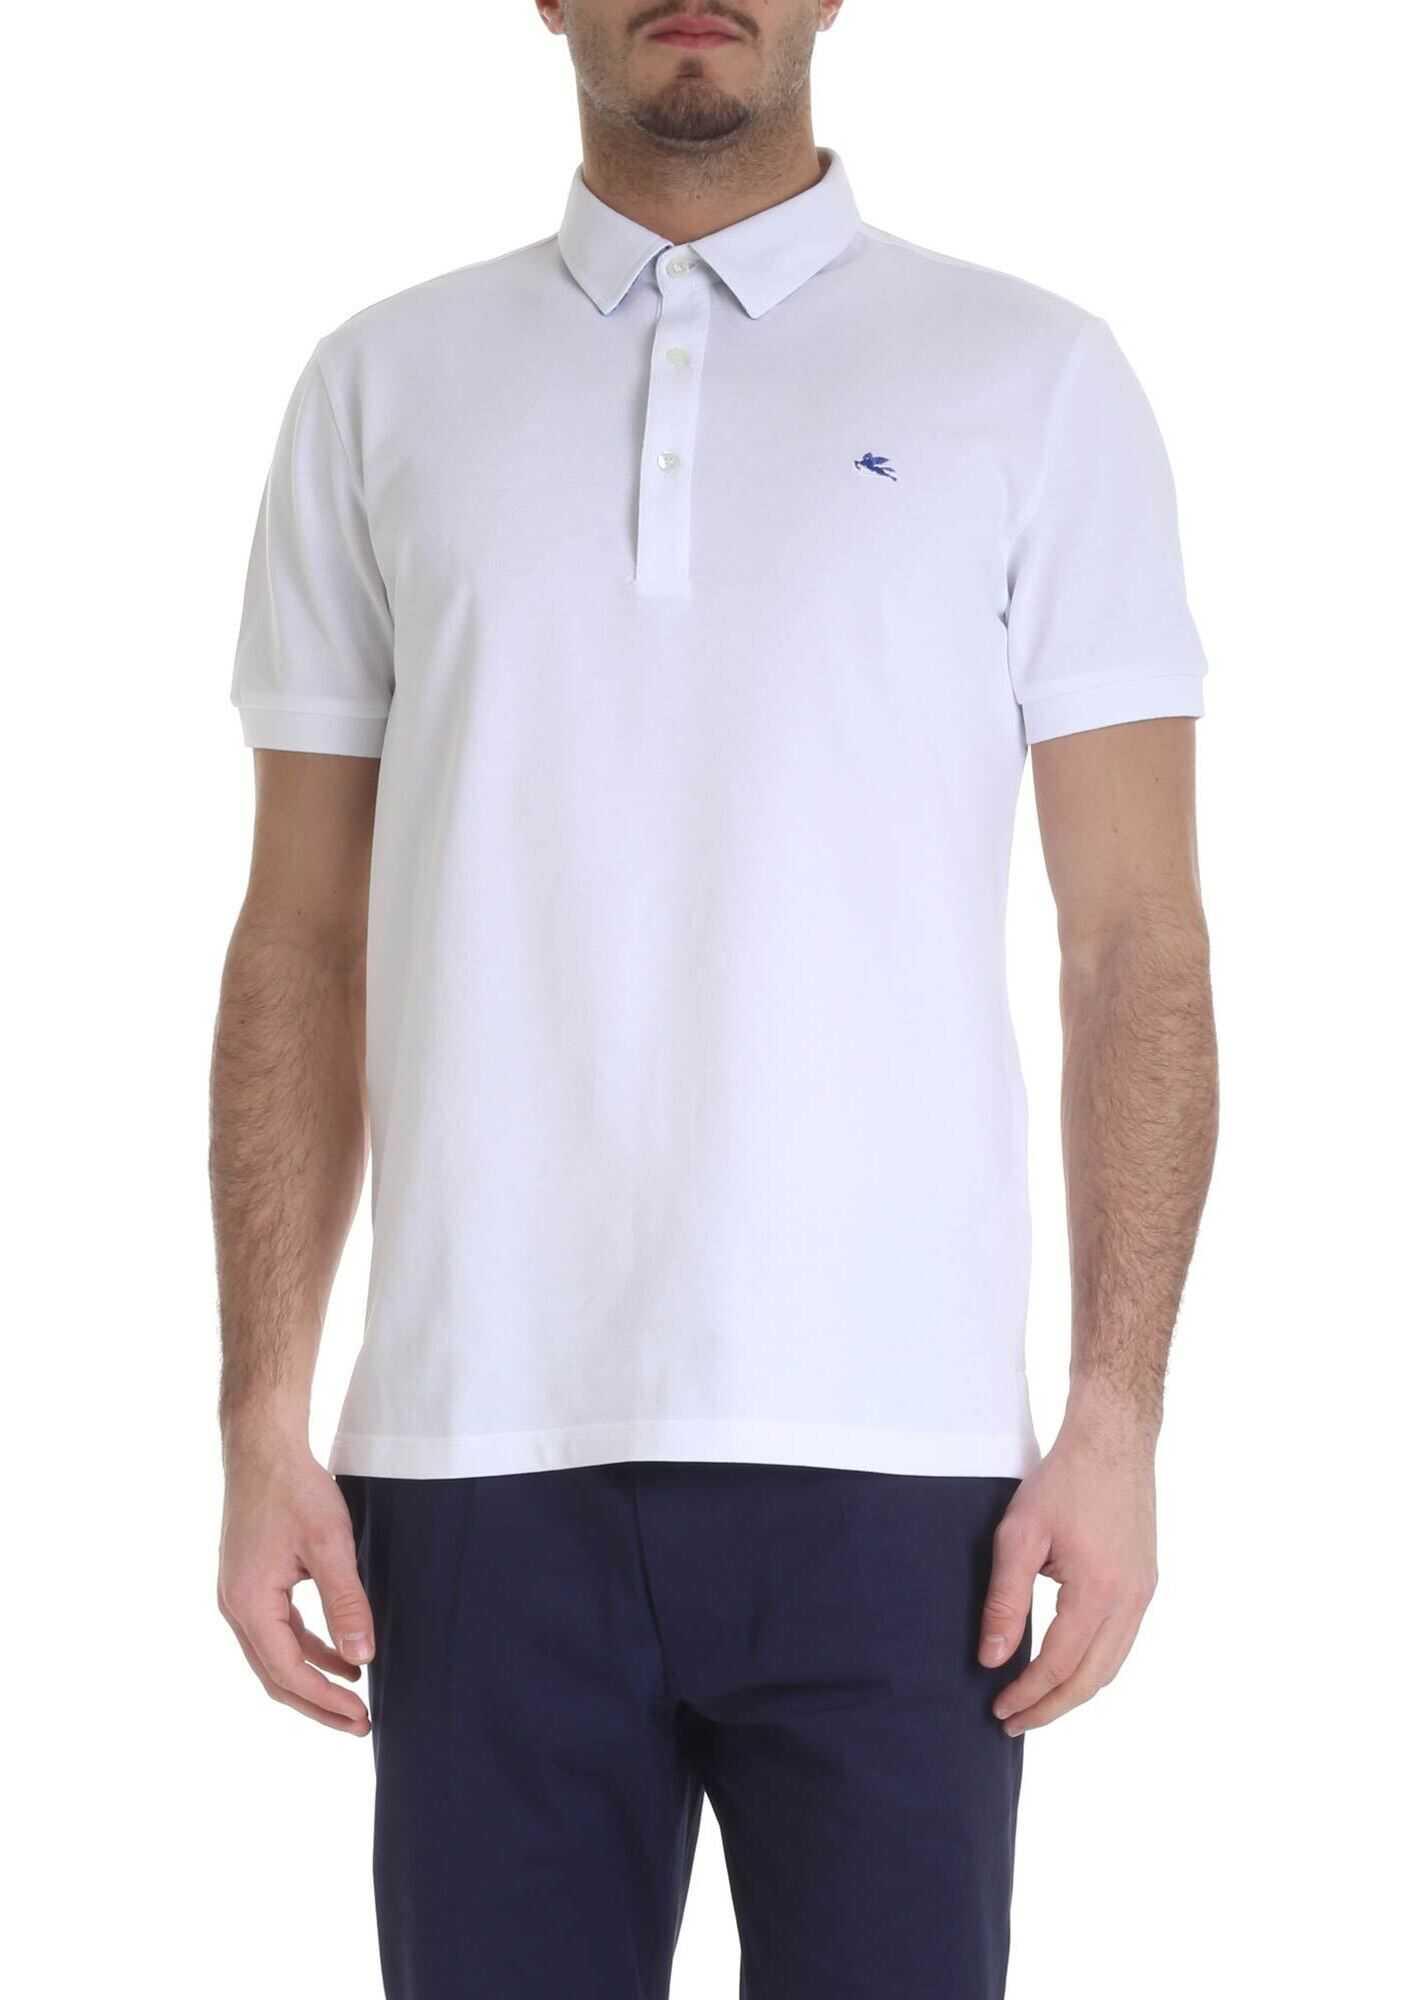 ETRO Etro Polo In White Piqué Cotton White imagine